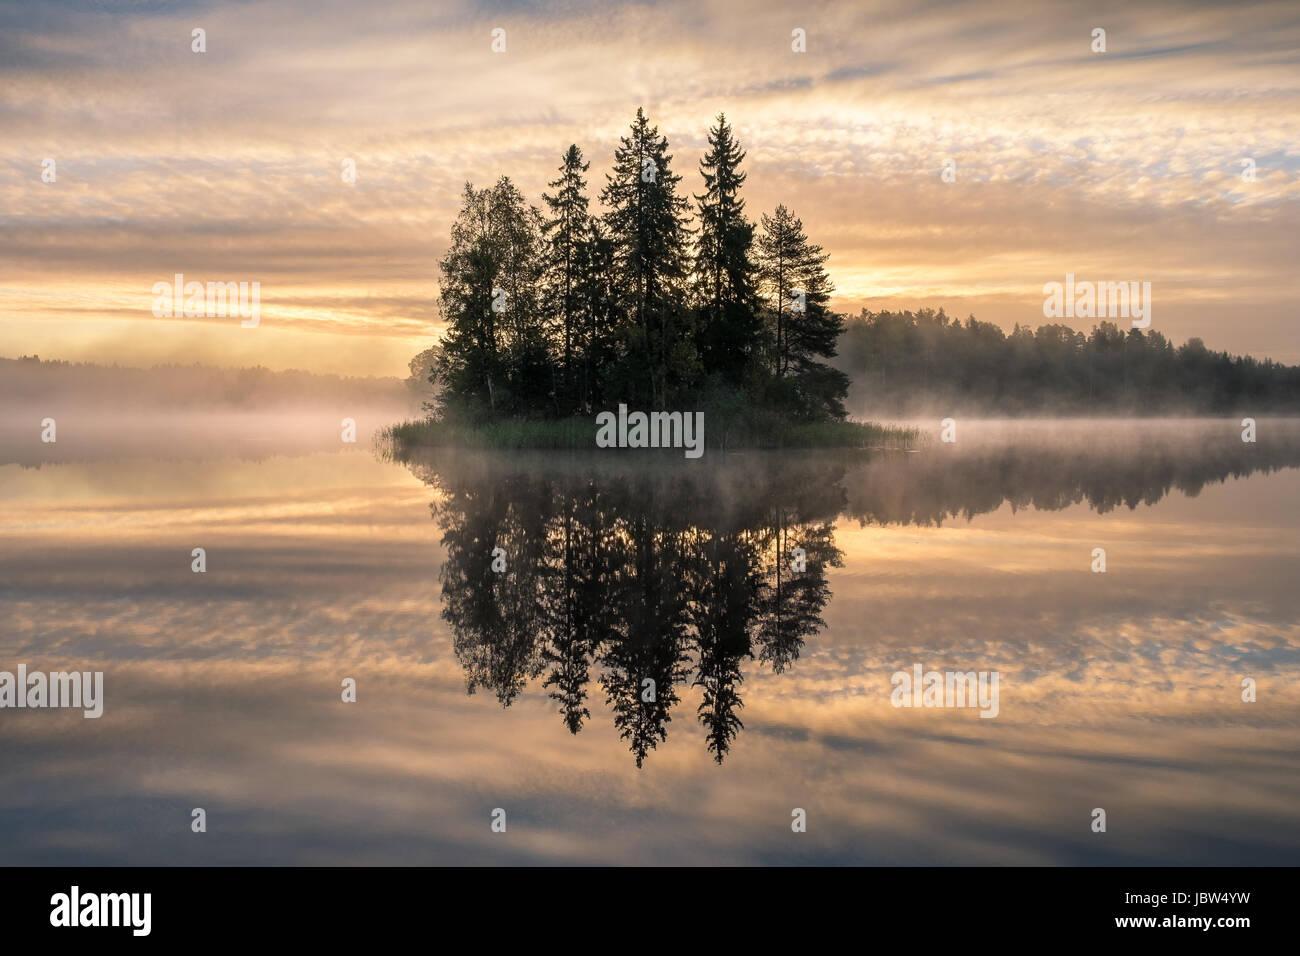 Malerische Landschaft mit Sonnenaufgang und idyllische Insel am frühen Morgen in Finnland Stockbild